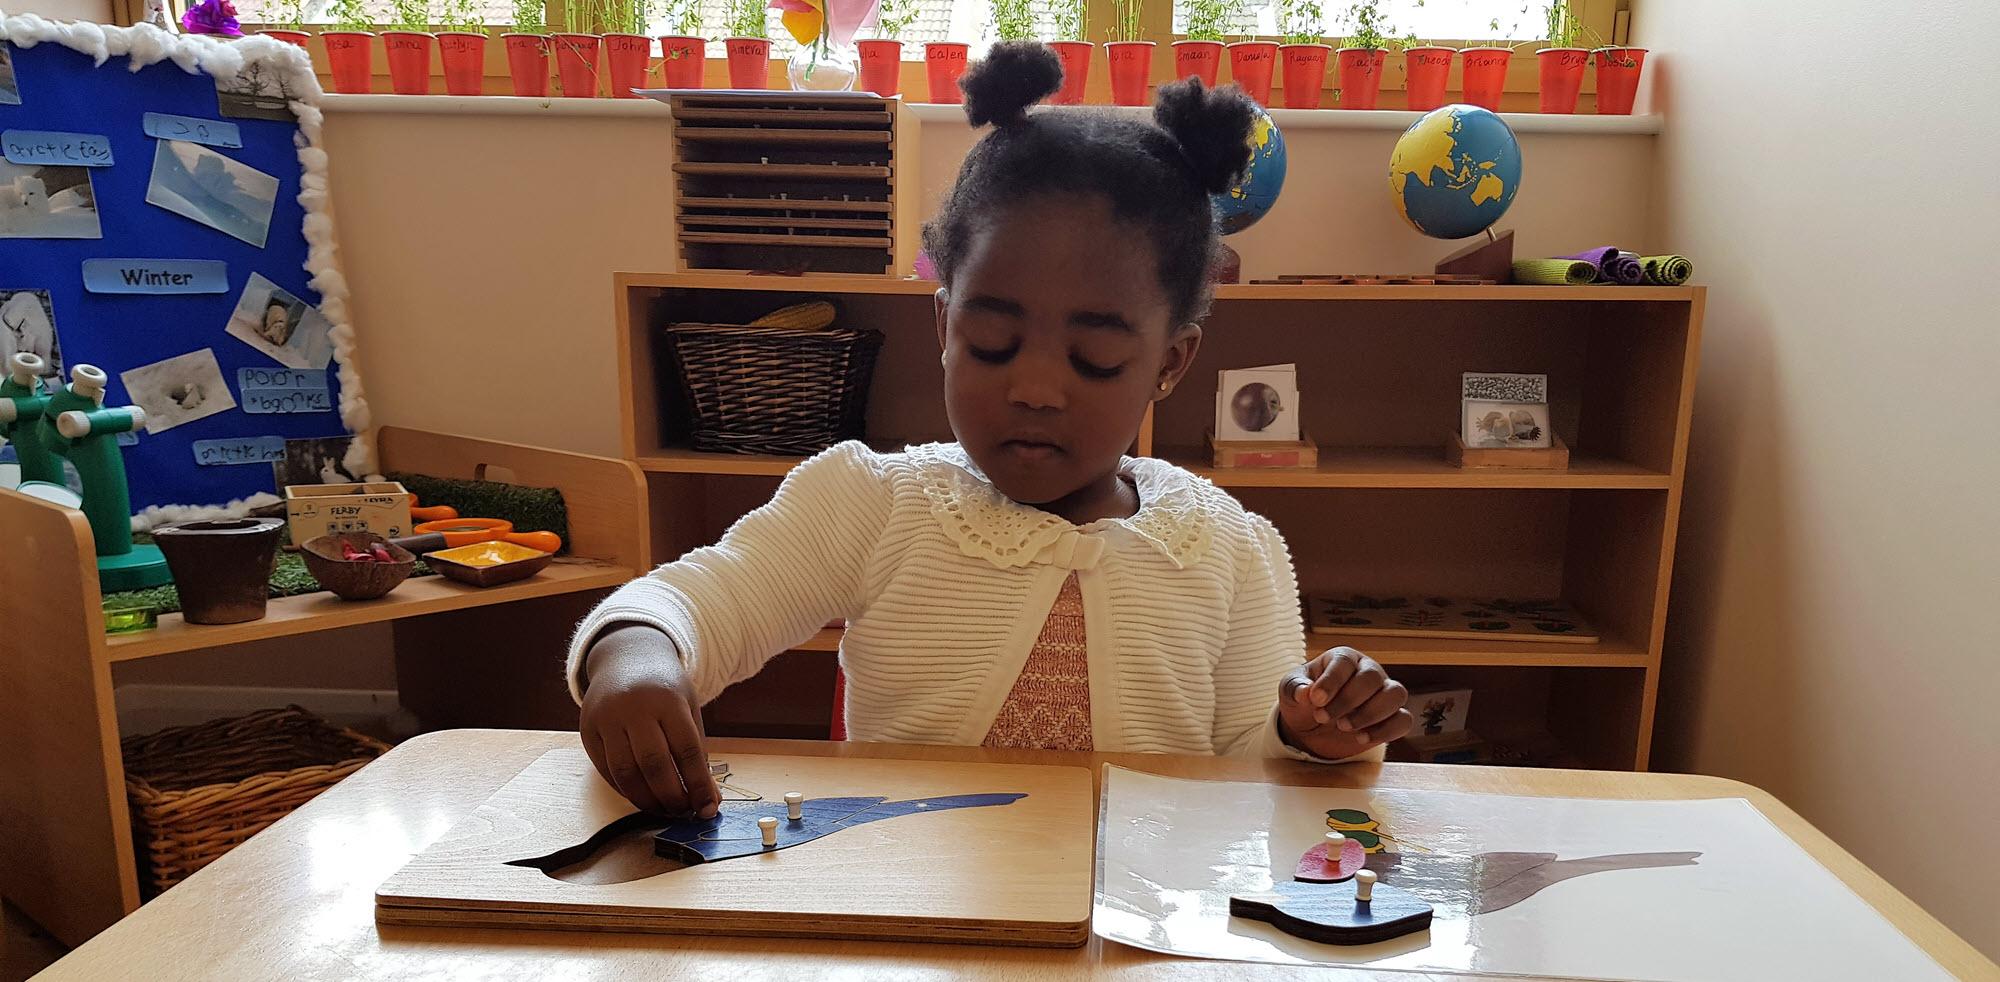 A leader in Montessori preschool education